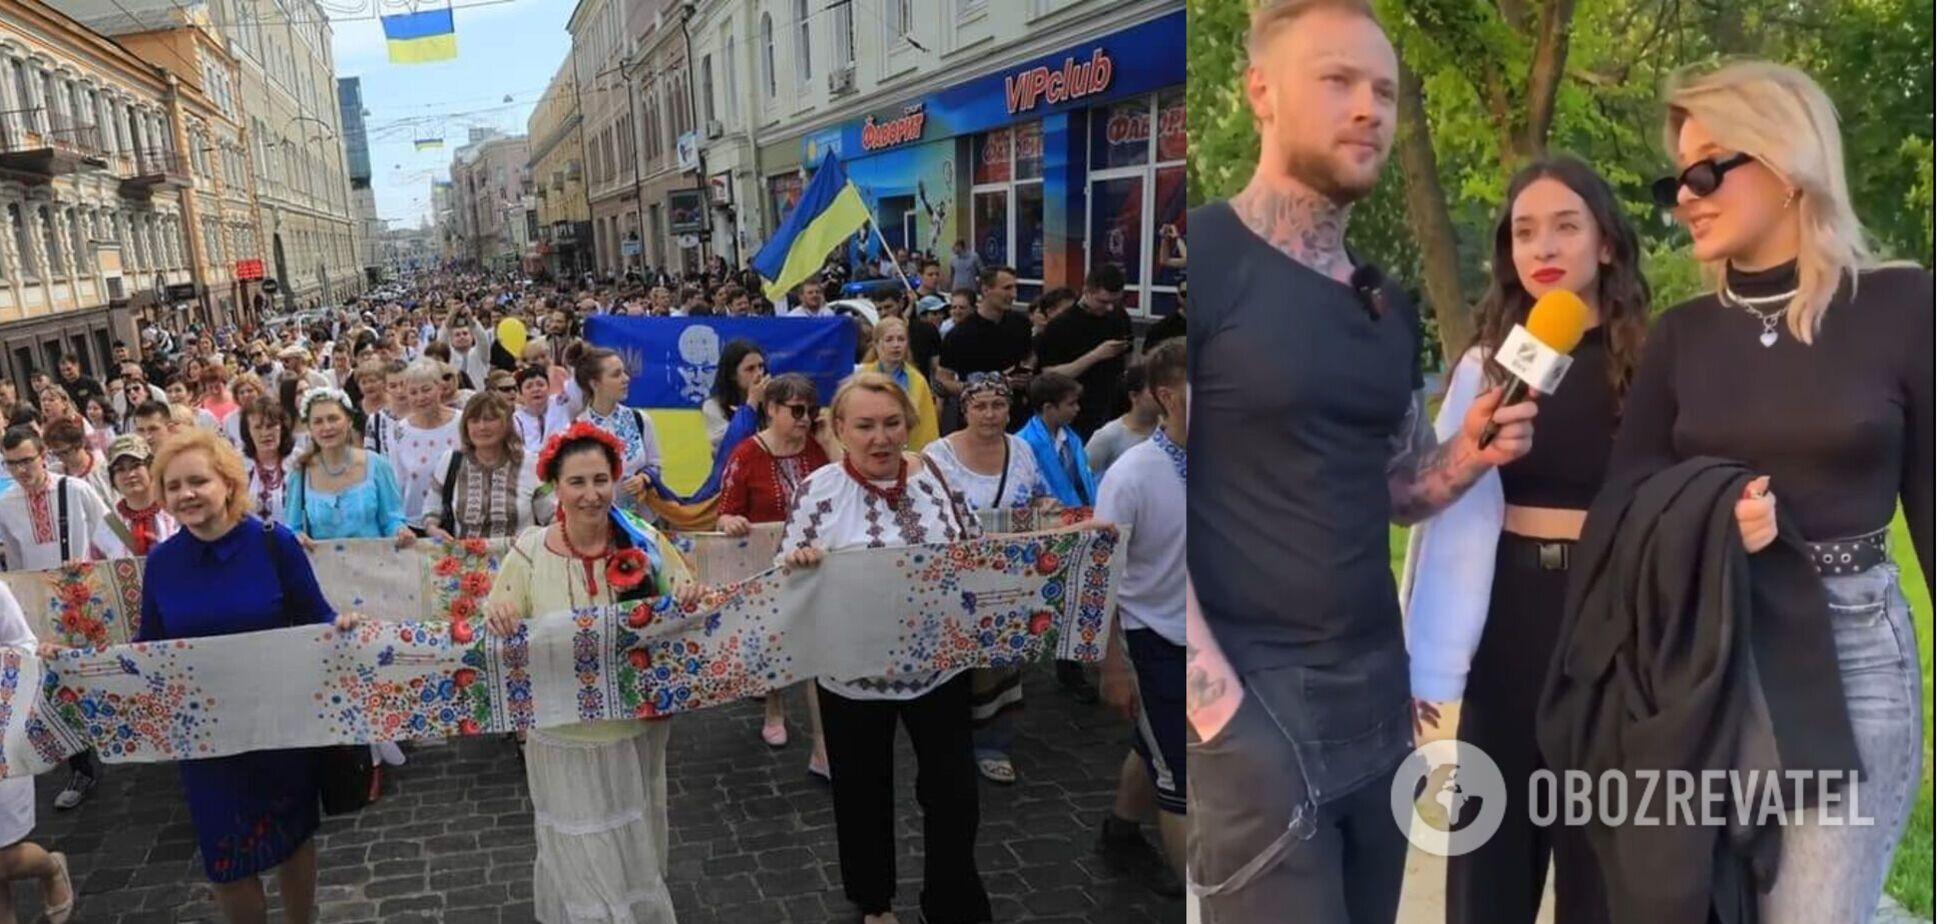 Девушка заявила, что шествие в вышиванках 'просто отвратительно'